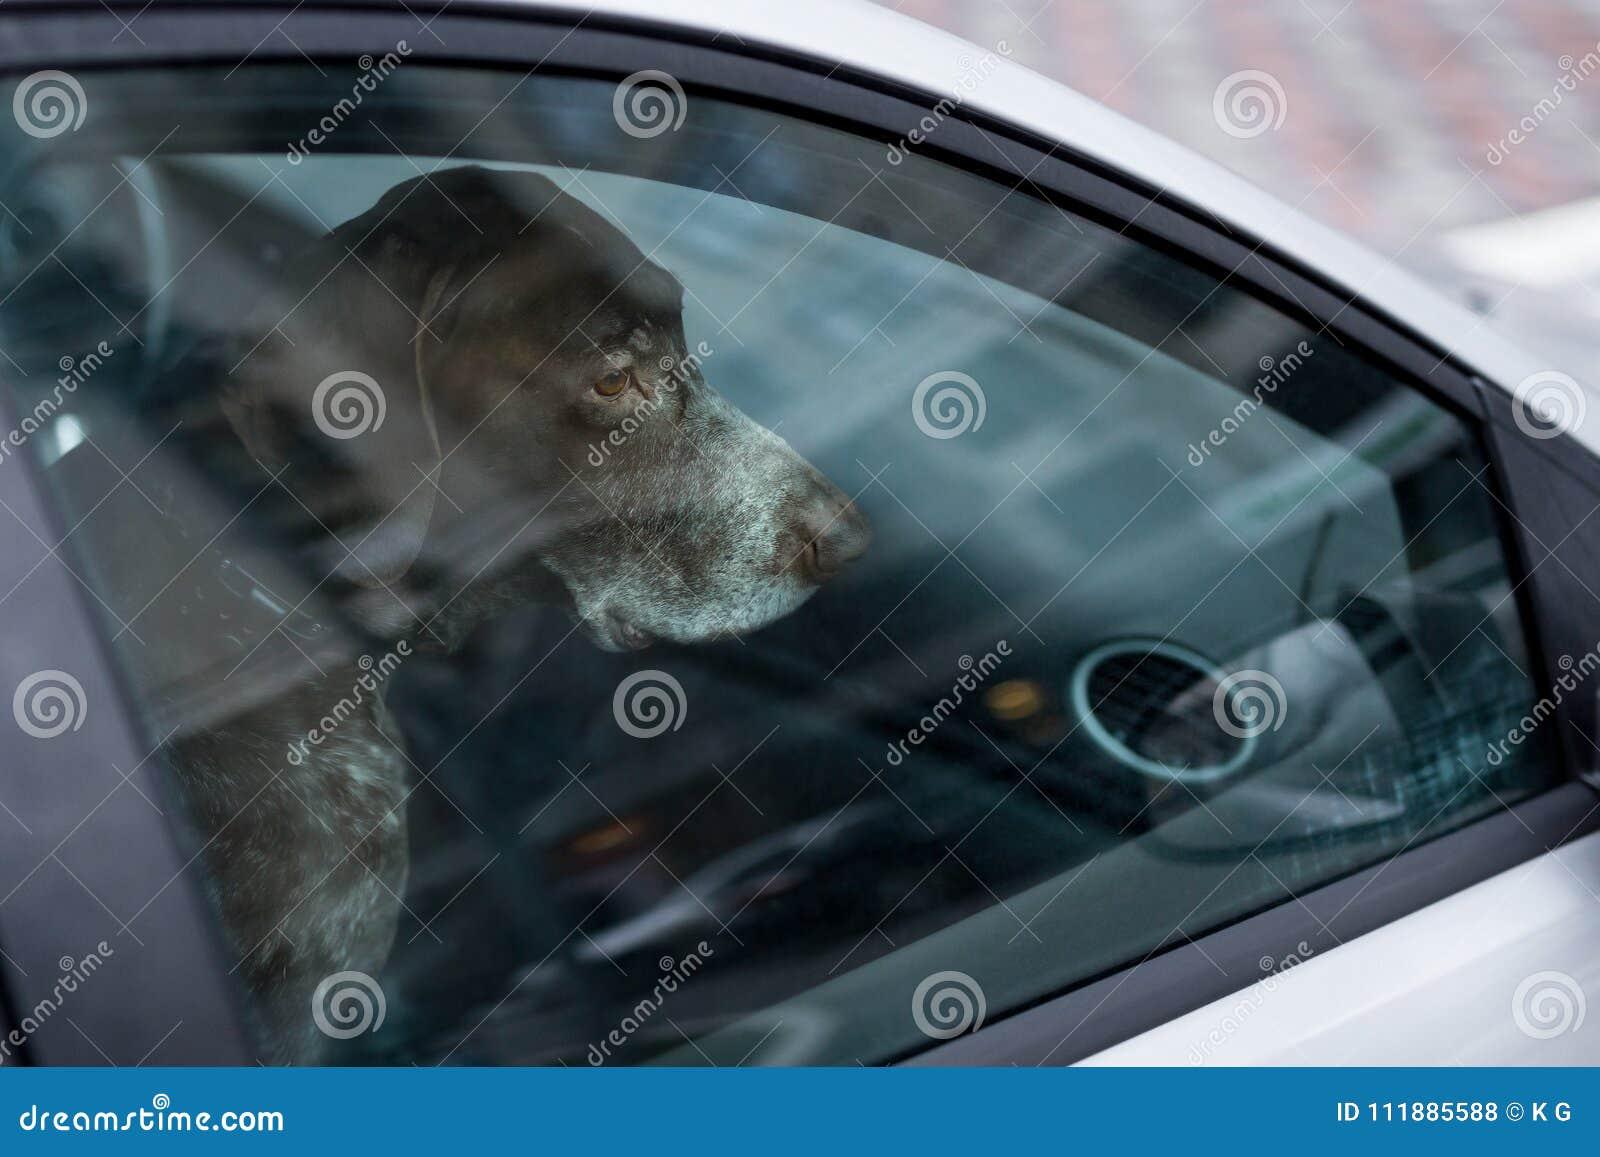 Perro izquierdo solamente en coche bloqueado Animal abandonado en espacio cerrado Peligro del recalentamiento o de la hipotermia